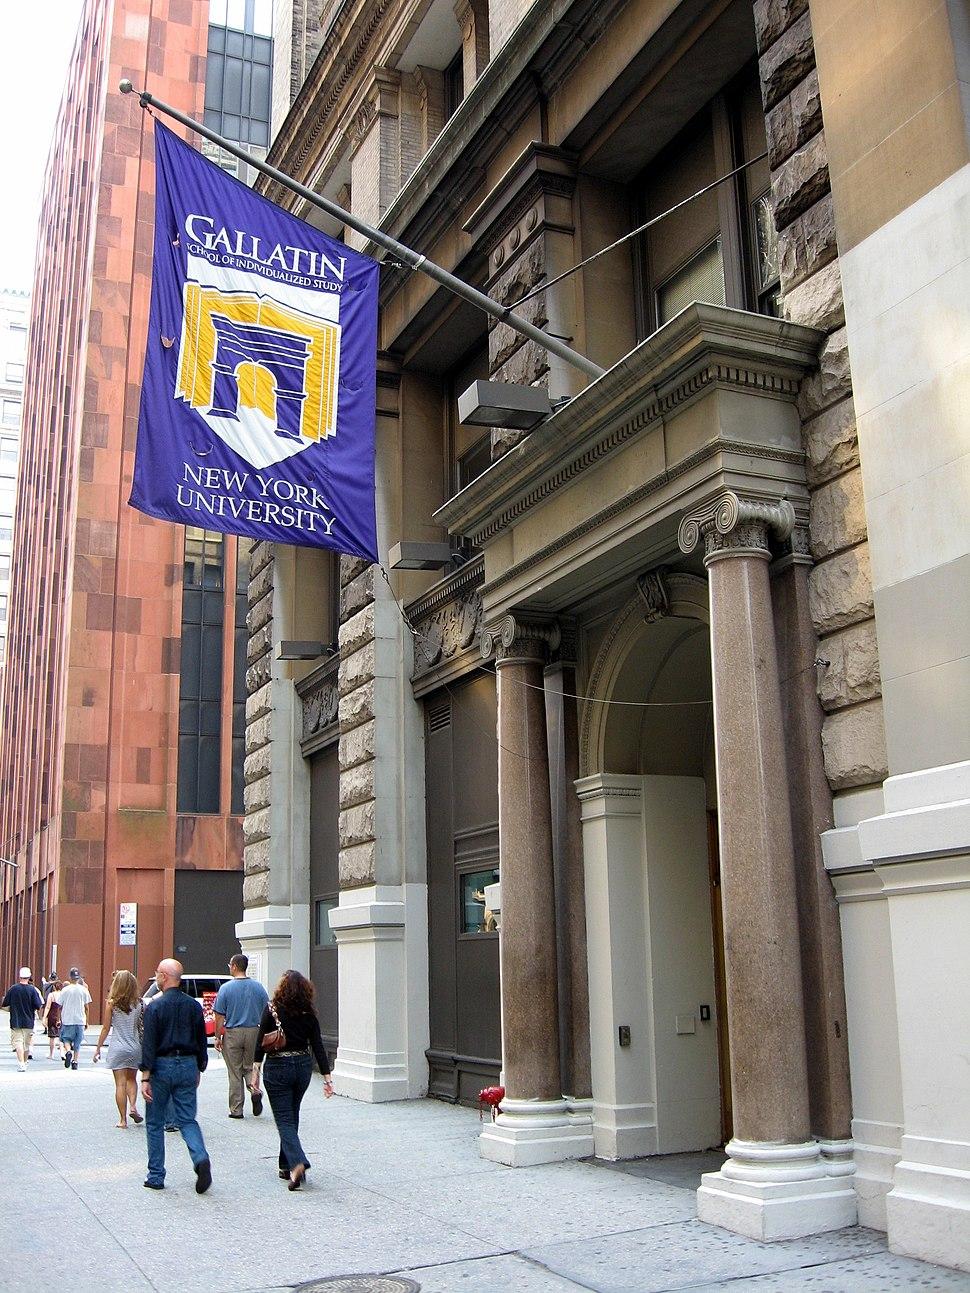 NYU-Gallatin School